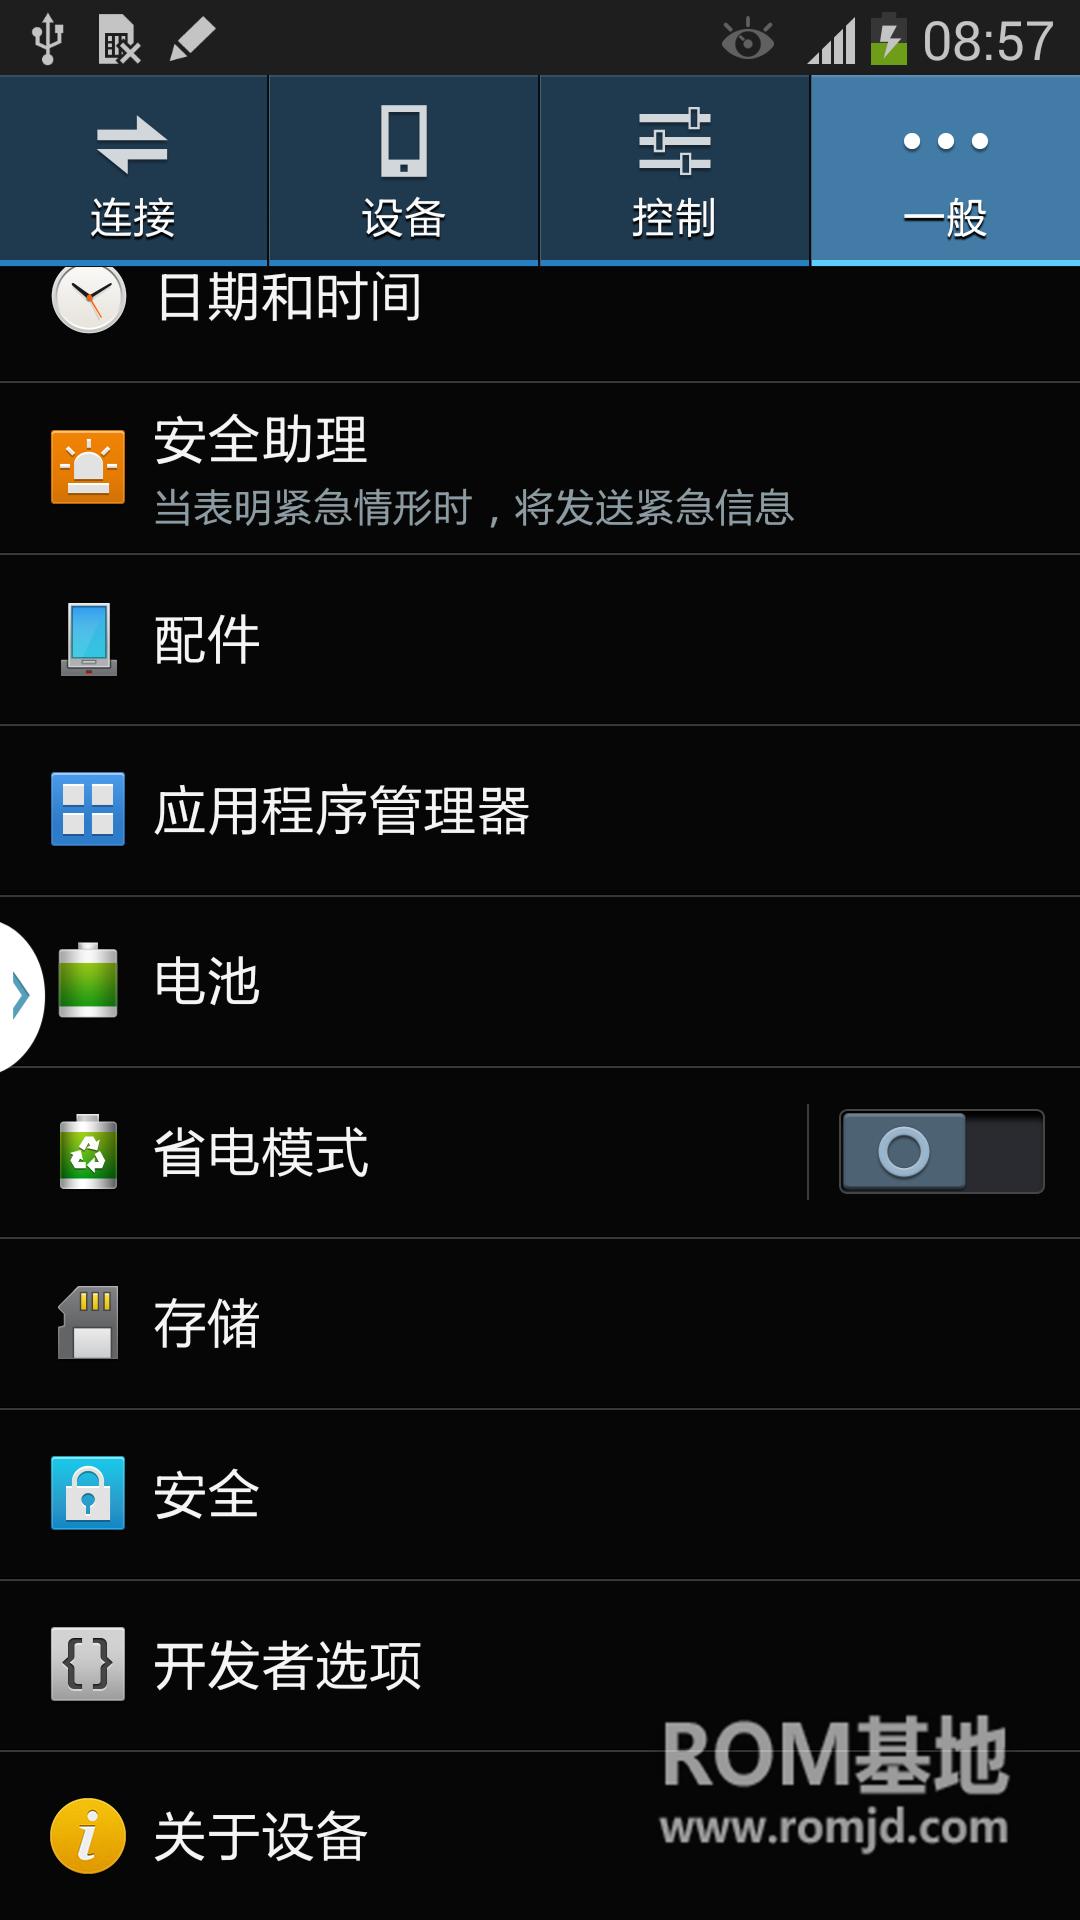 三星 N900(Note3) 刷机包 基于官方精简ROM 4.4.2 亲测|流畅|省电|稳定版ROM刷机包截图